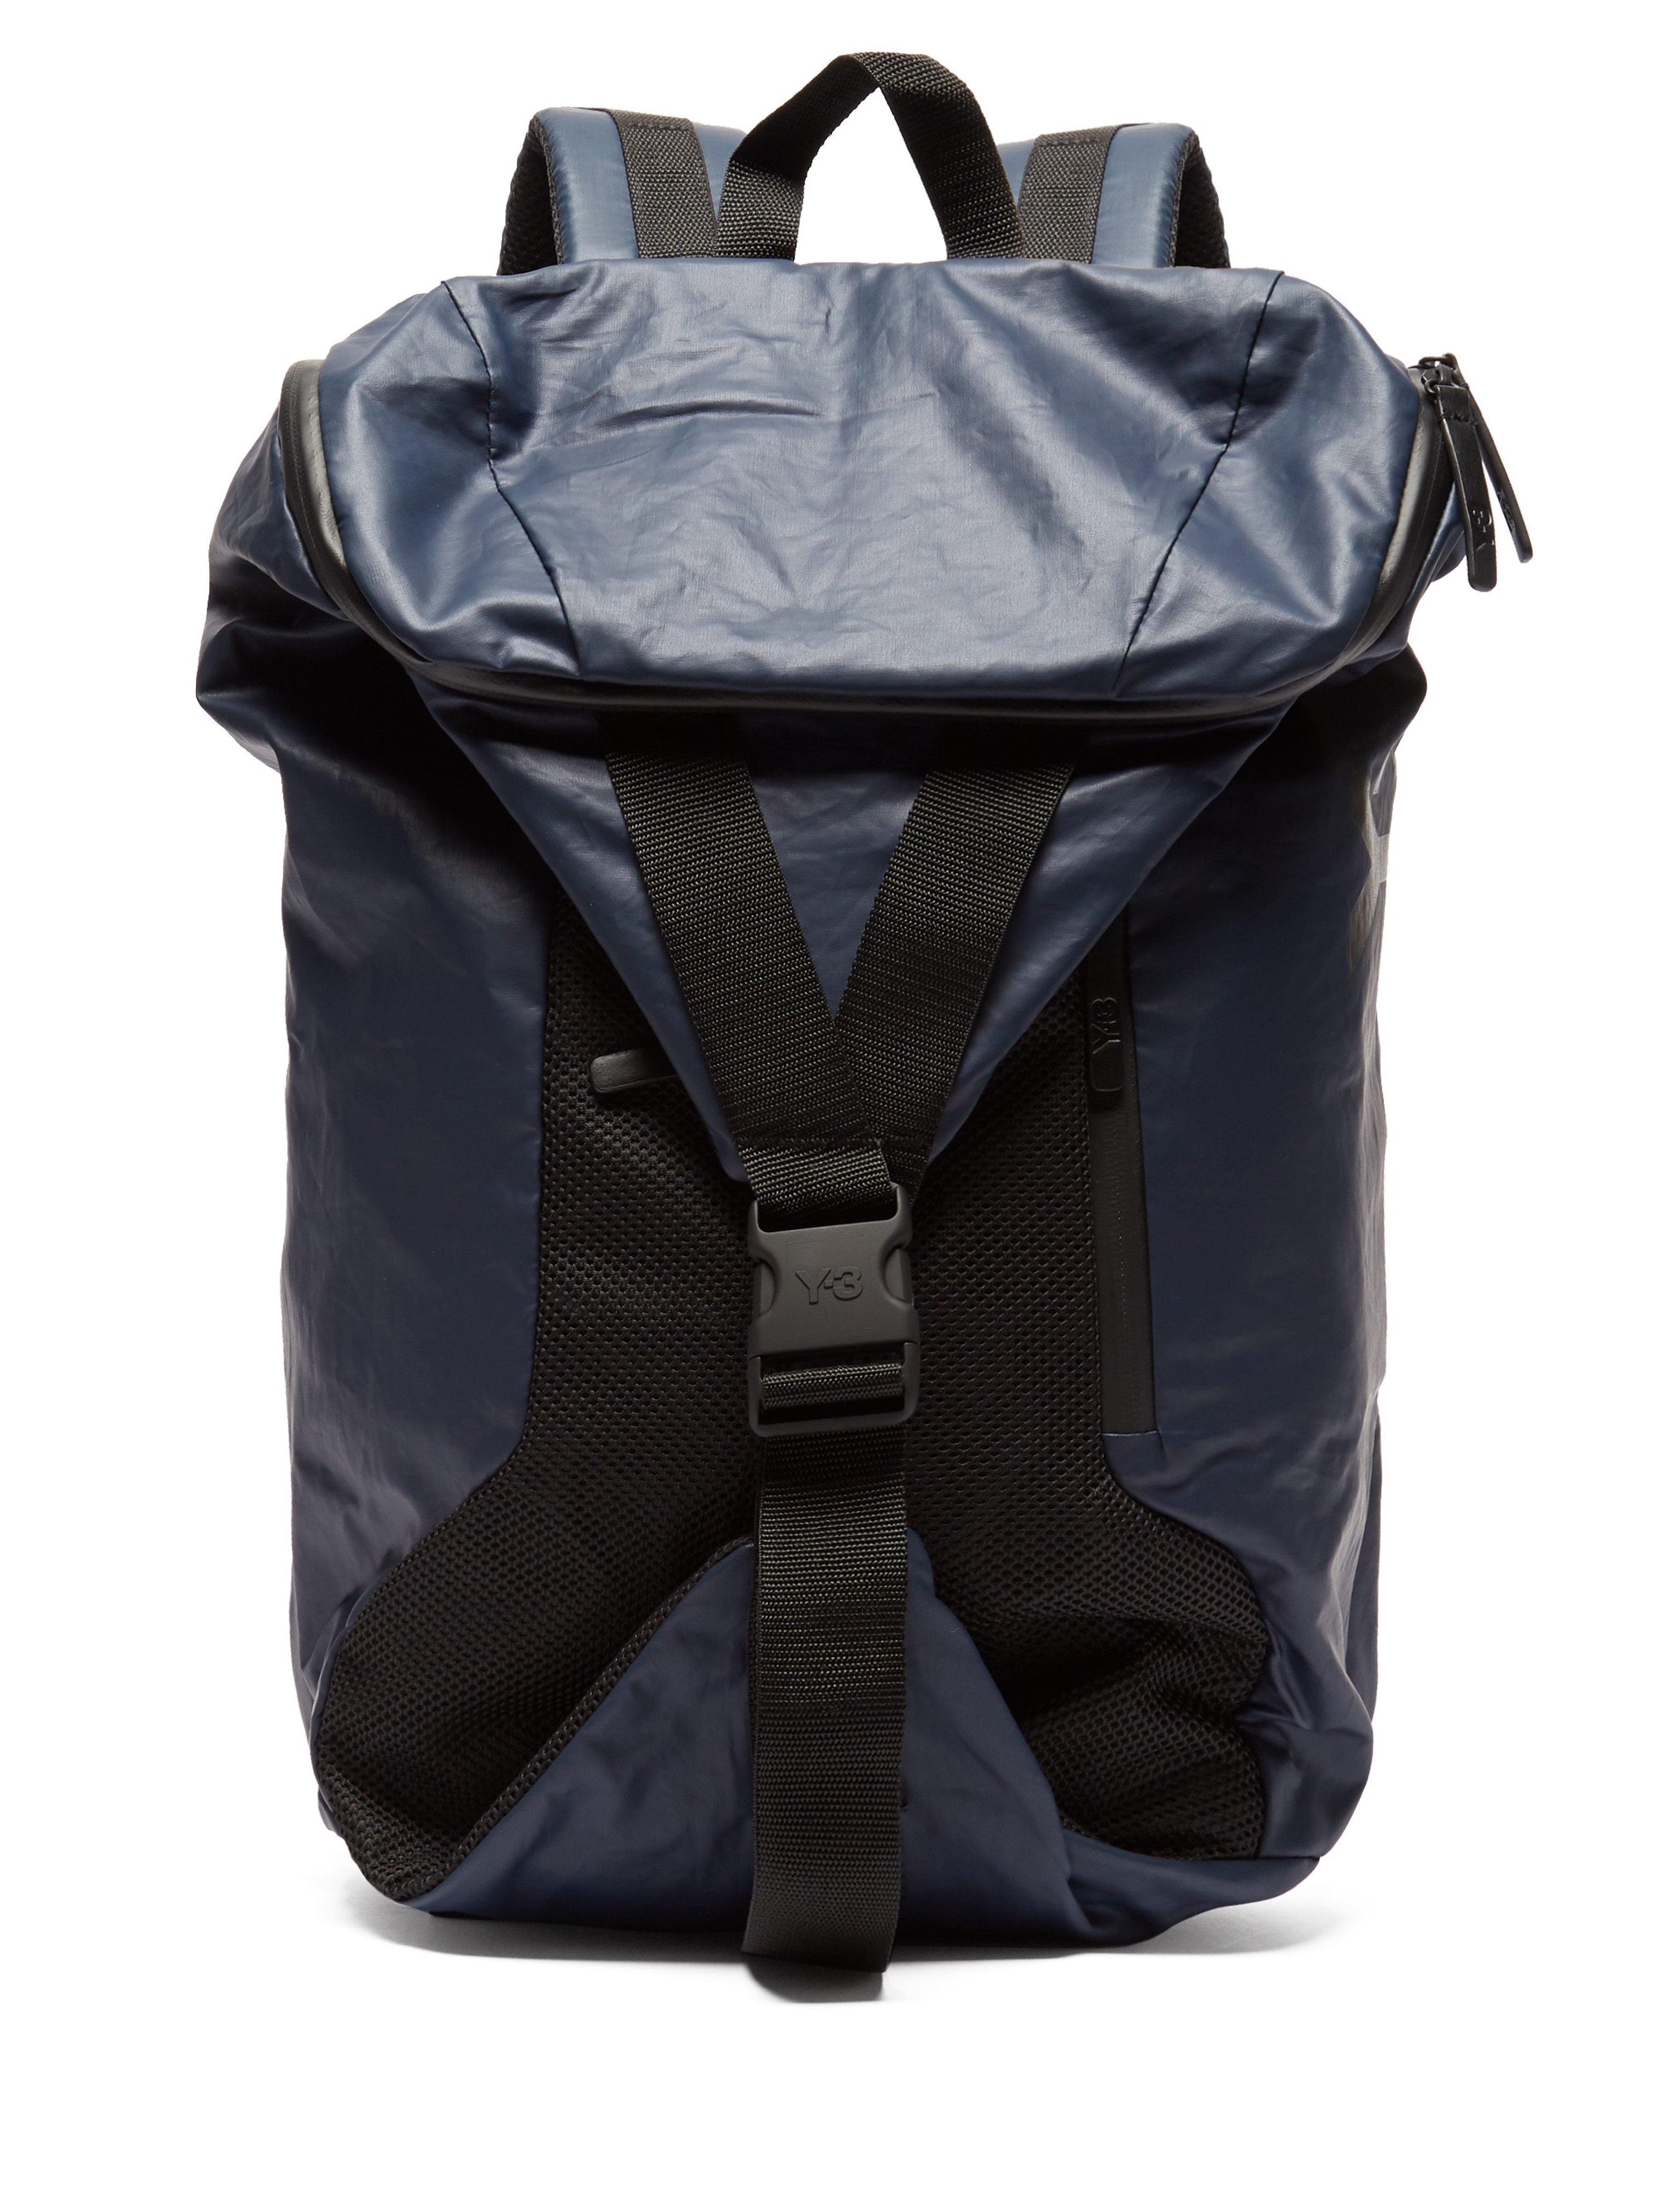 748c231d3705 Y-3 Base Backpack in Black for Men - Lyst